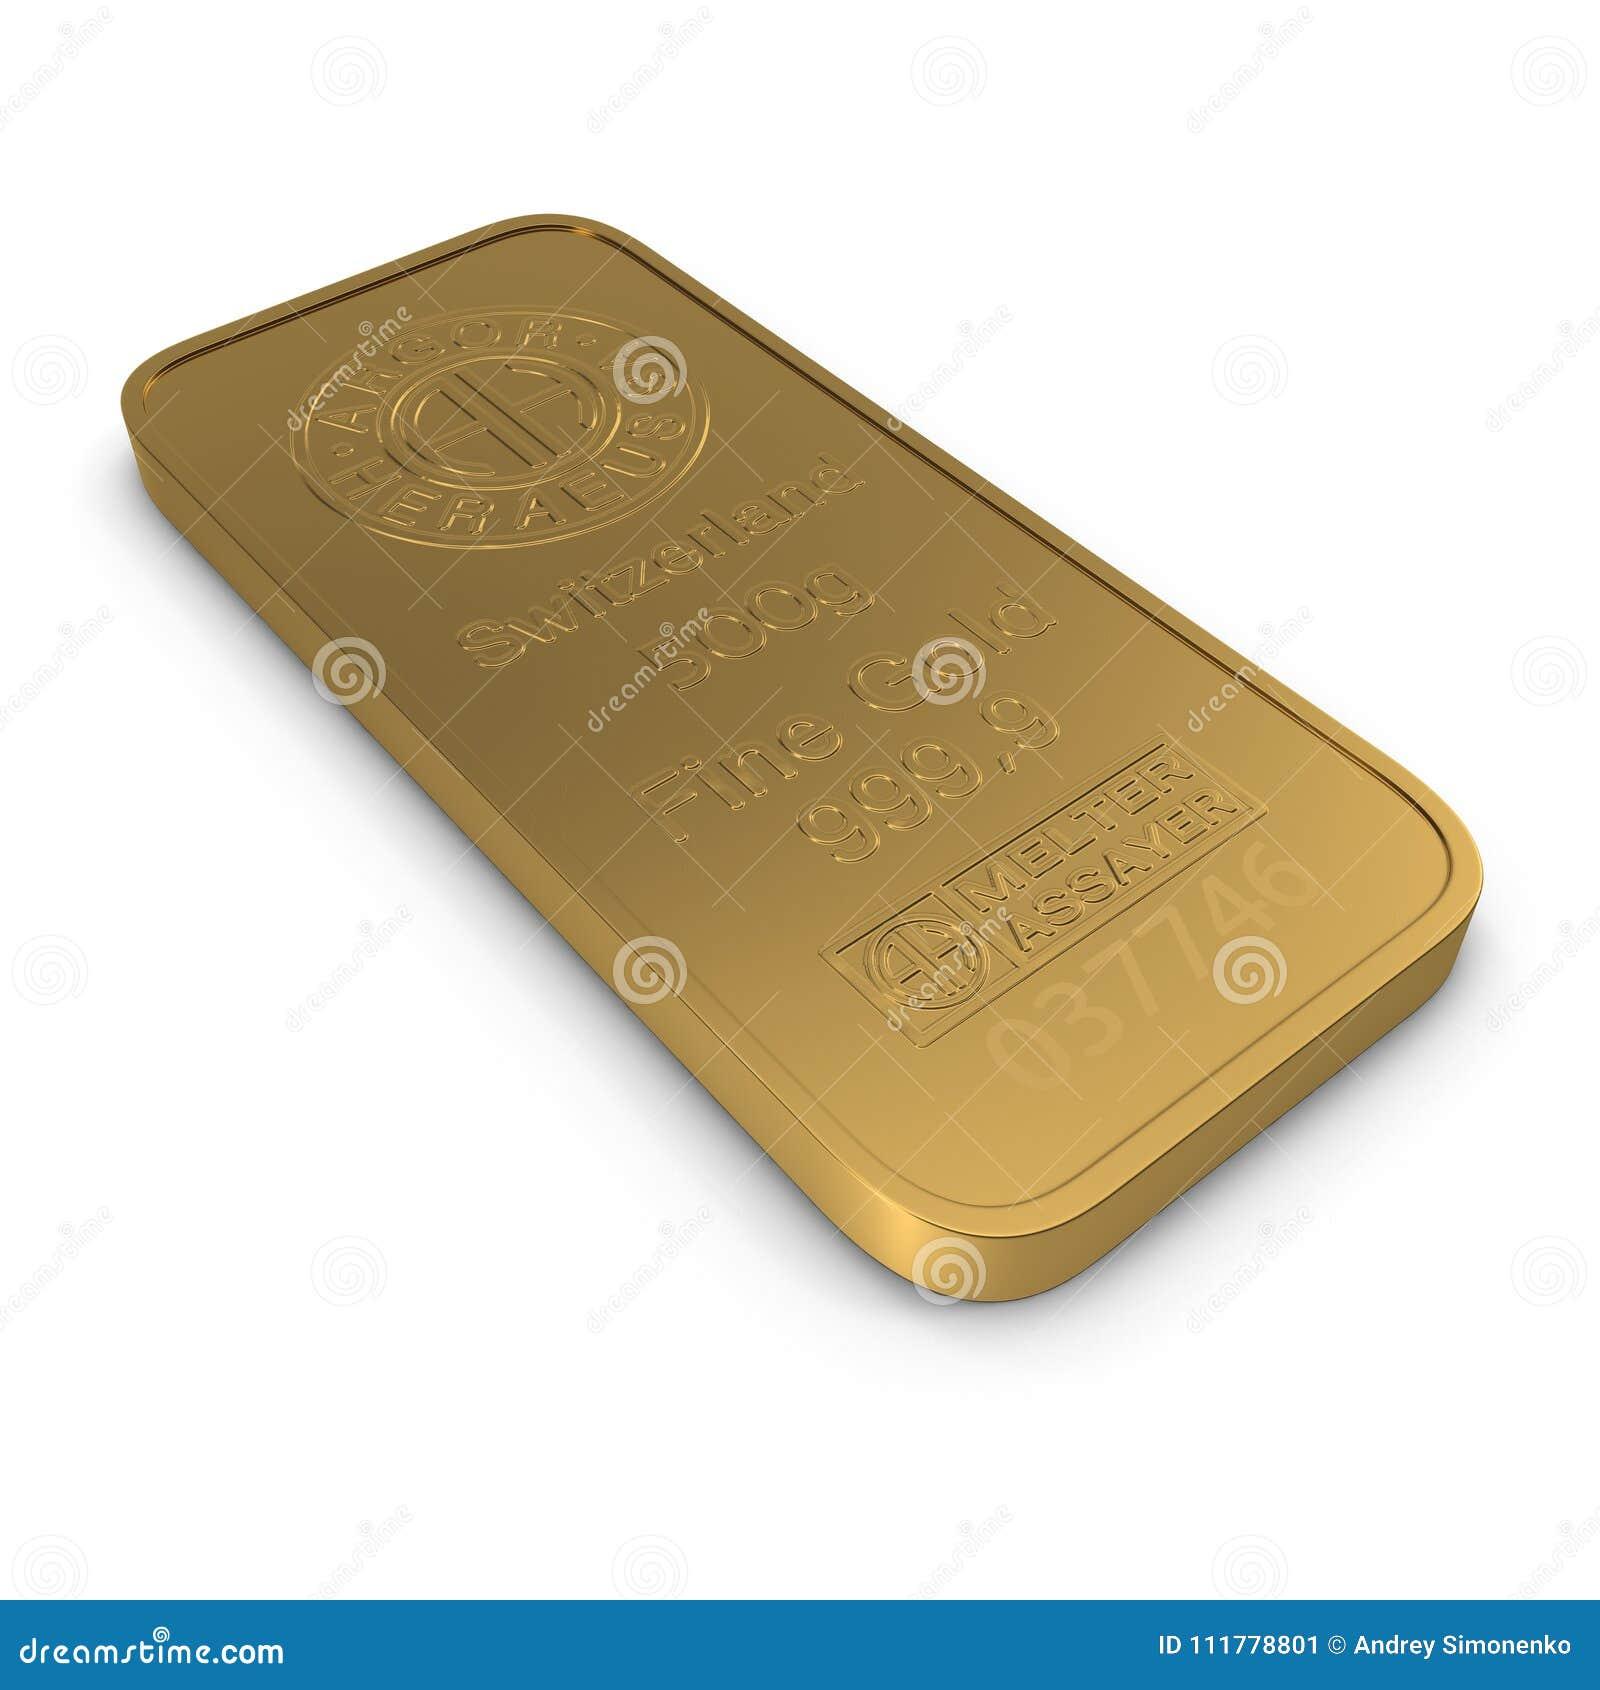 Gold bar 500g isolated on white. 3D illustration